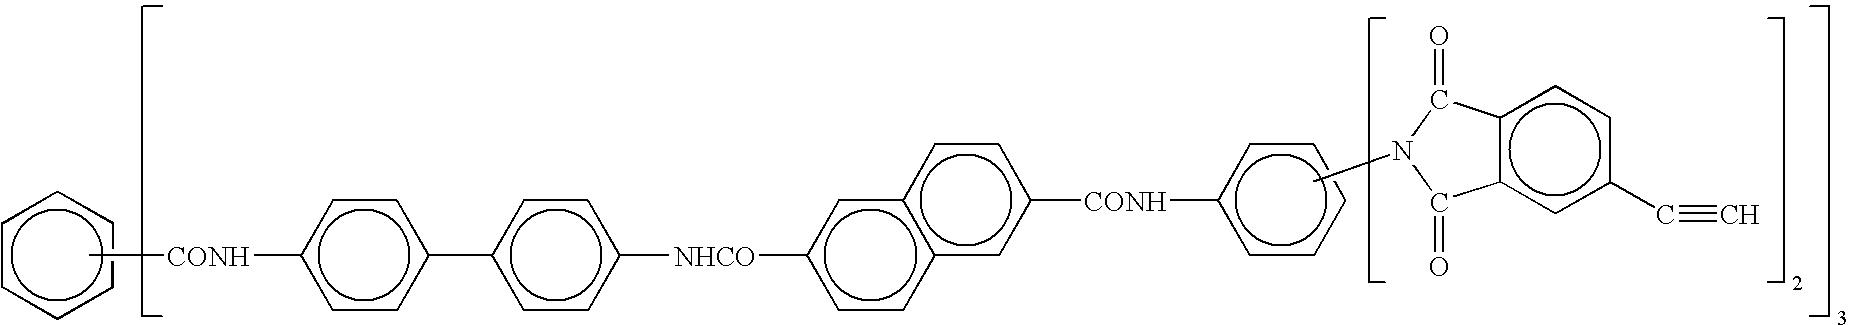 Figure US08106142-20120131-C00084